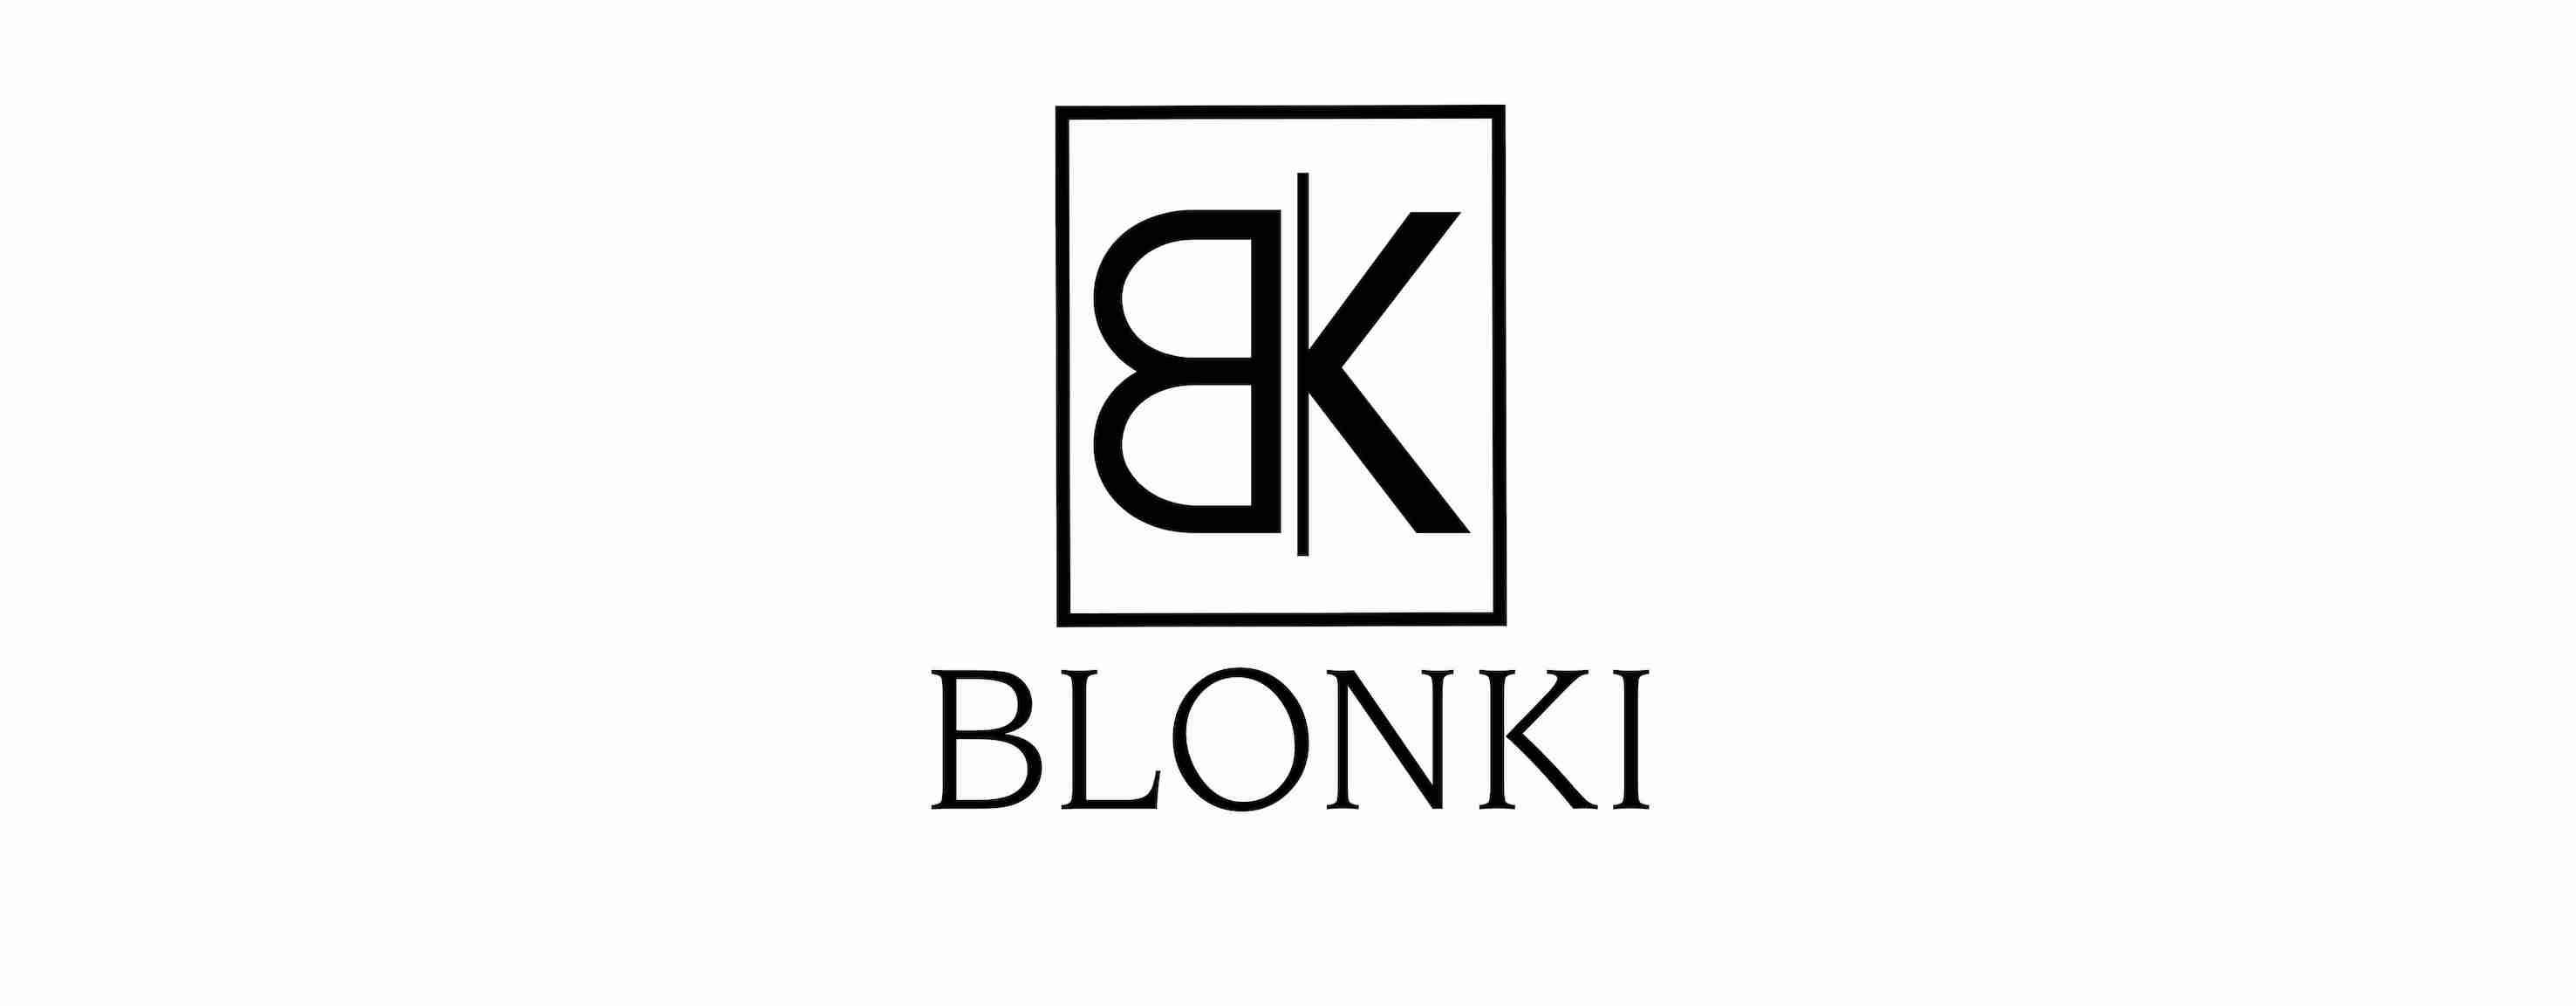 BLONKI